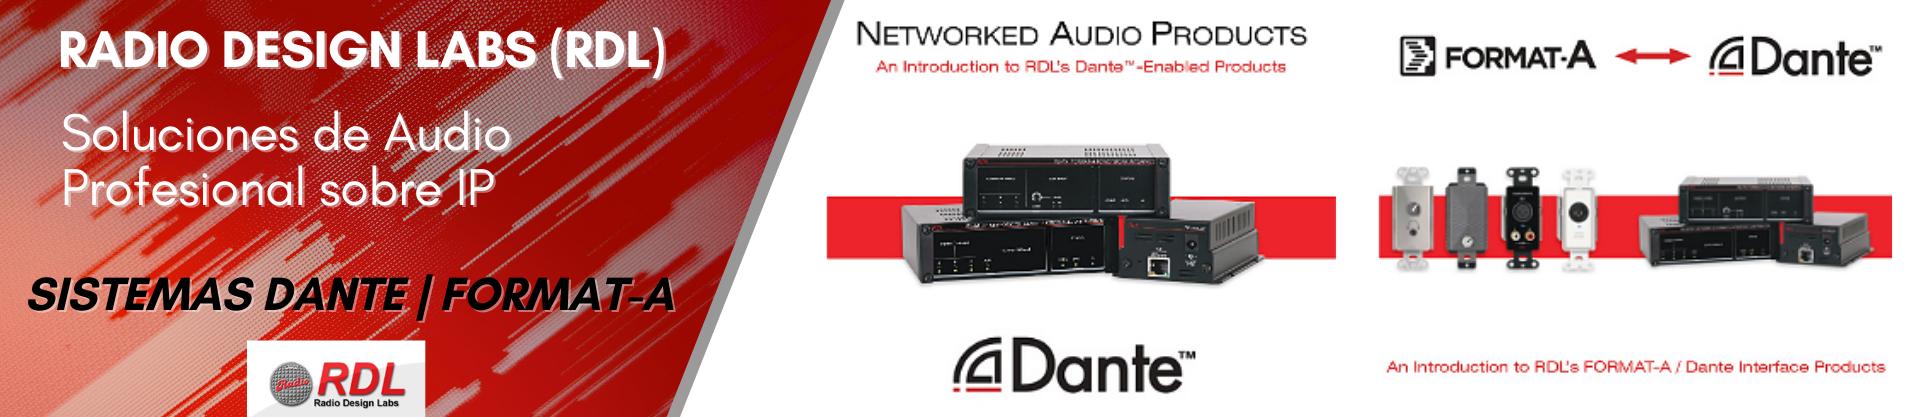 soluciones-audio-profesionales-RDL